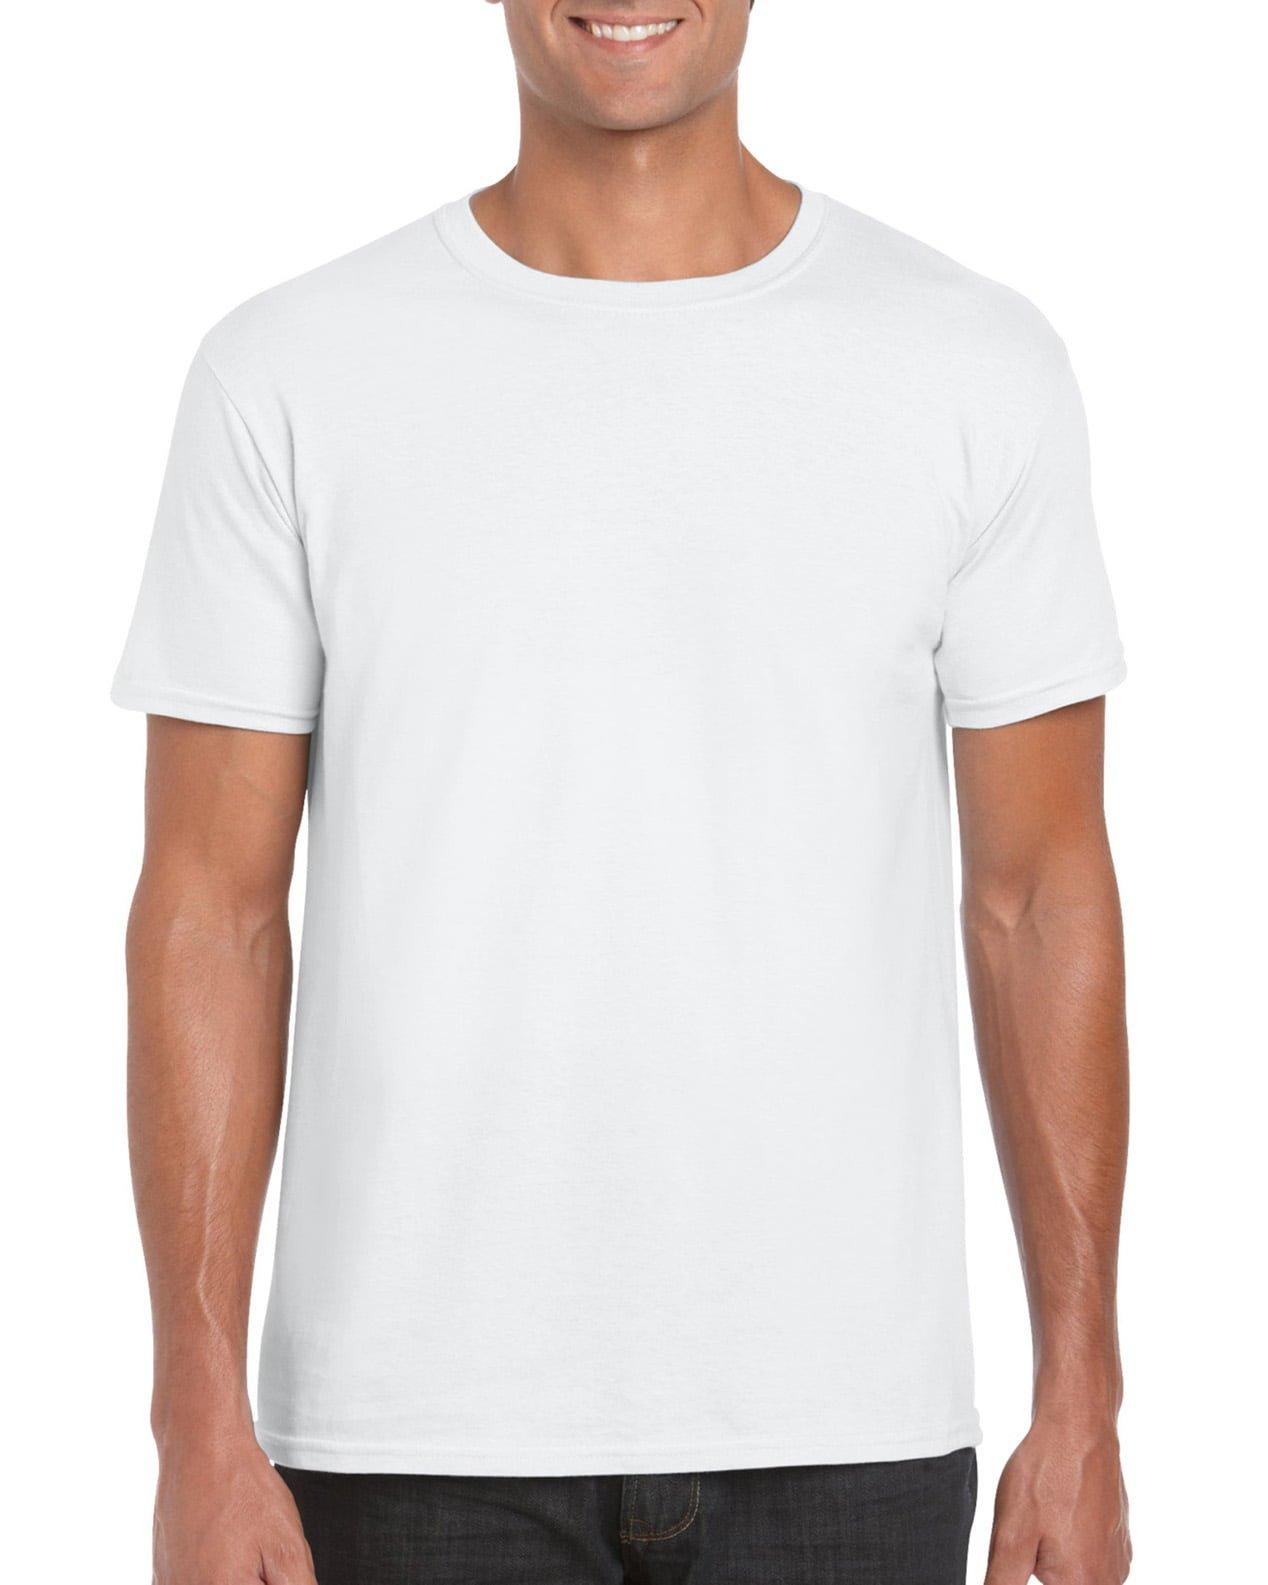 Softstyle Unisex Tee-White